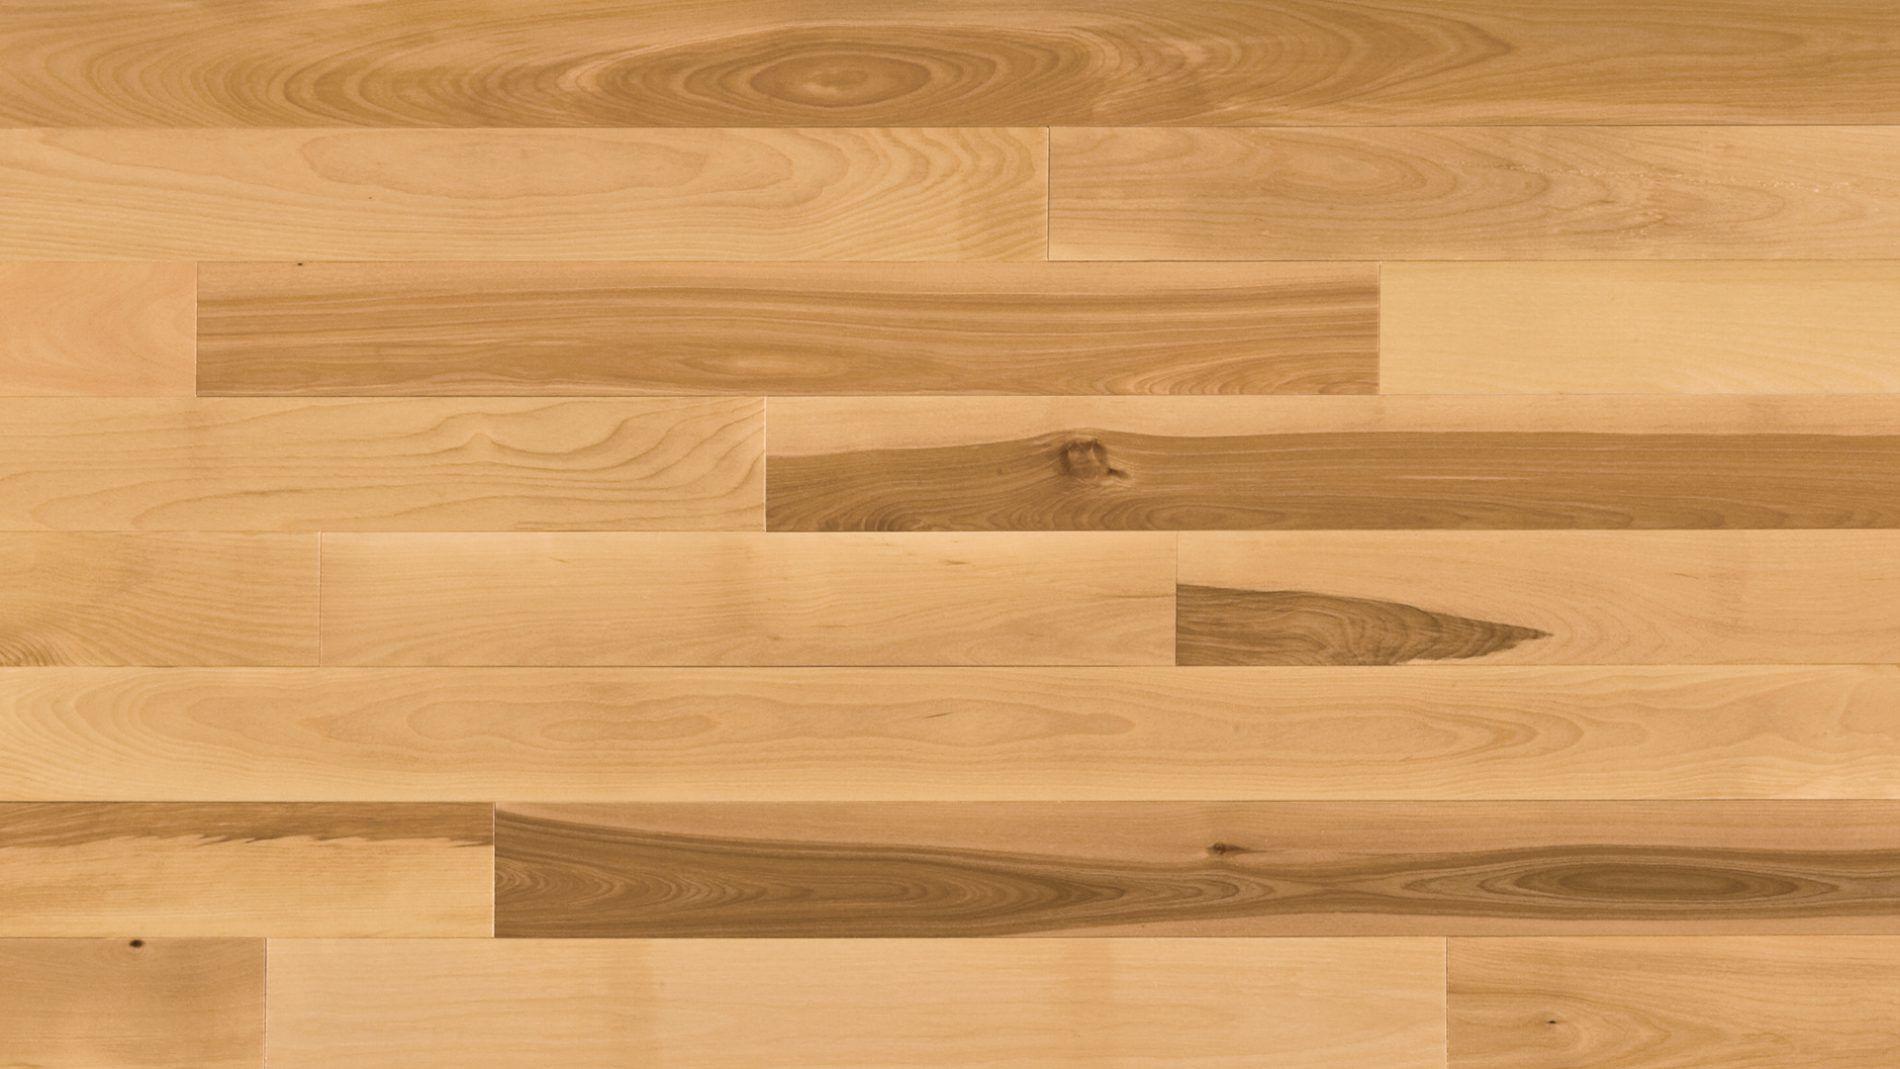 lowes parquet hardwood flooring of laminate flooring definition in hardwood floor design wood flooring waterproof laminate flooring concept of laminate flooring installation kit lowes